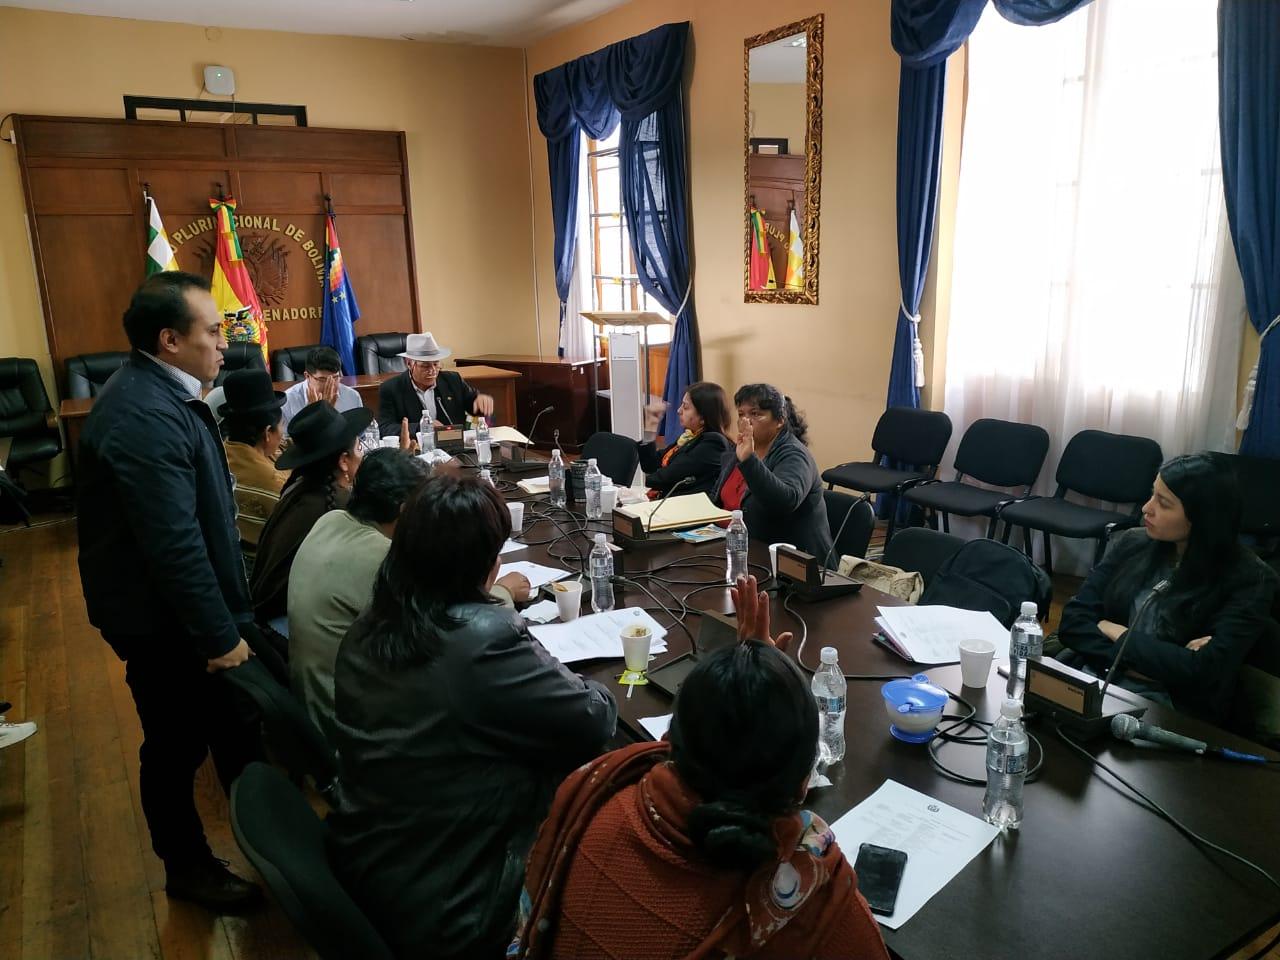 Comisión Mixta de Constitución acepta la renuncia del Defensor del Pueblo y recomienda a dos abogadas para que asuman interinamente el cargo de Tezanos